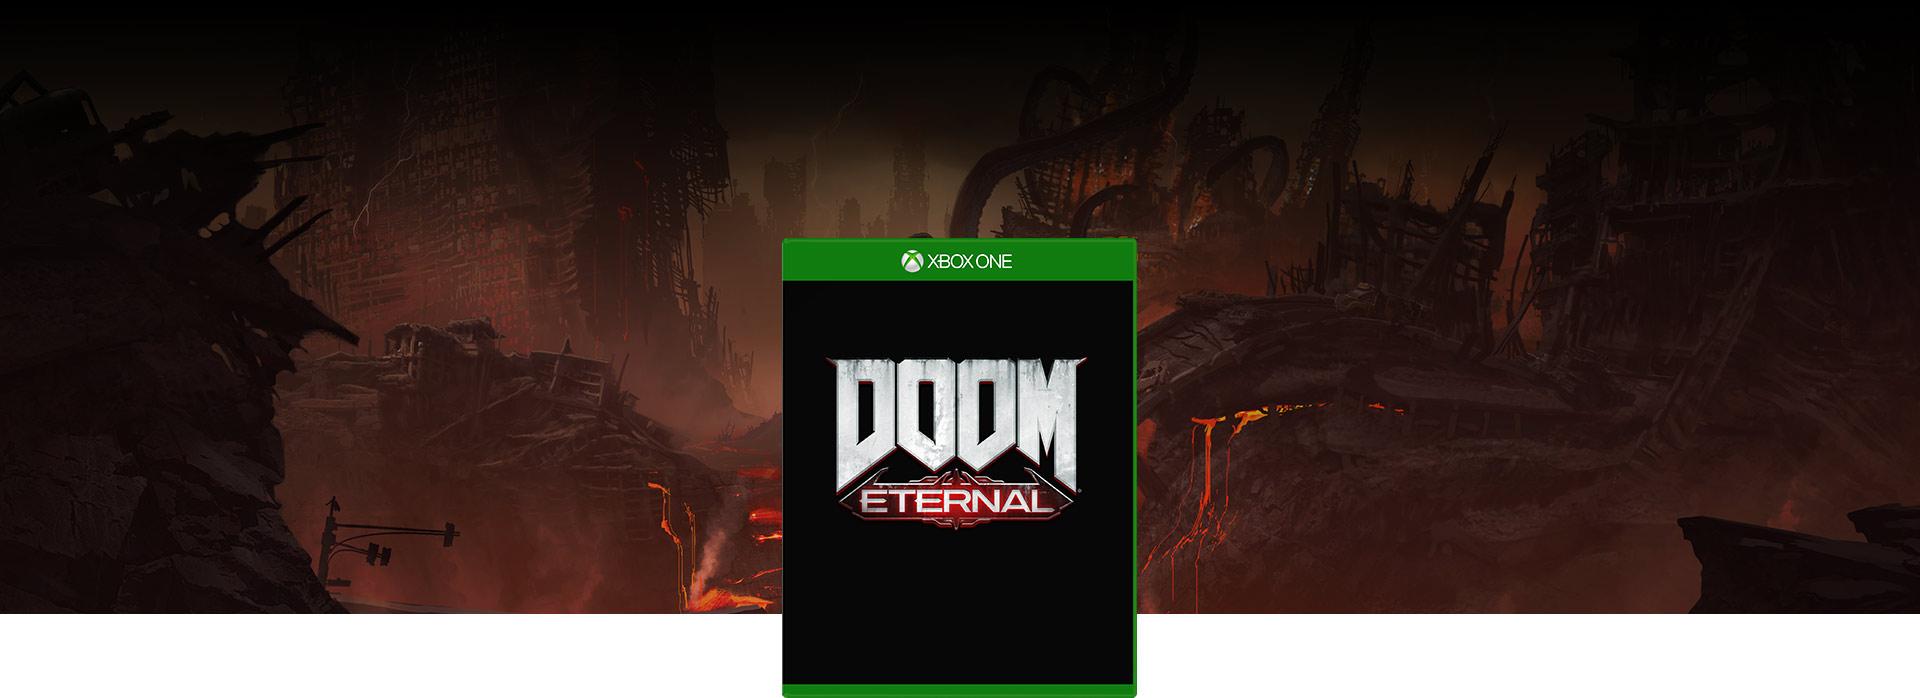 DOOM Eternal-Boxshot, Hintergrund von Tentakeln aus der Lava in der Hölle